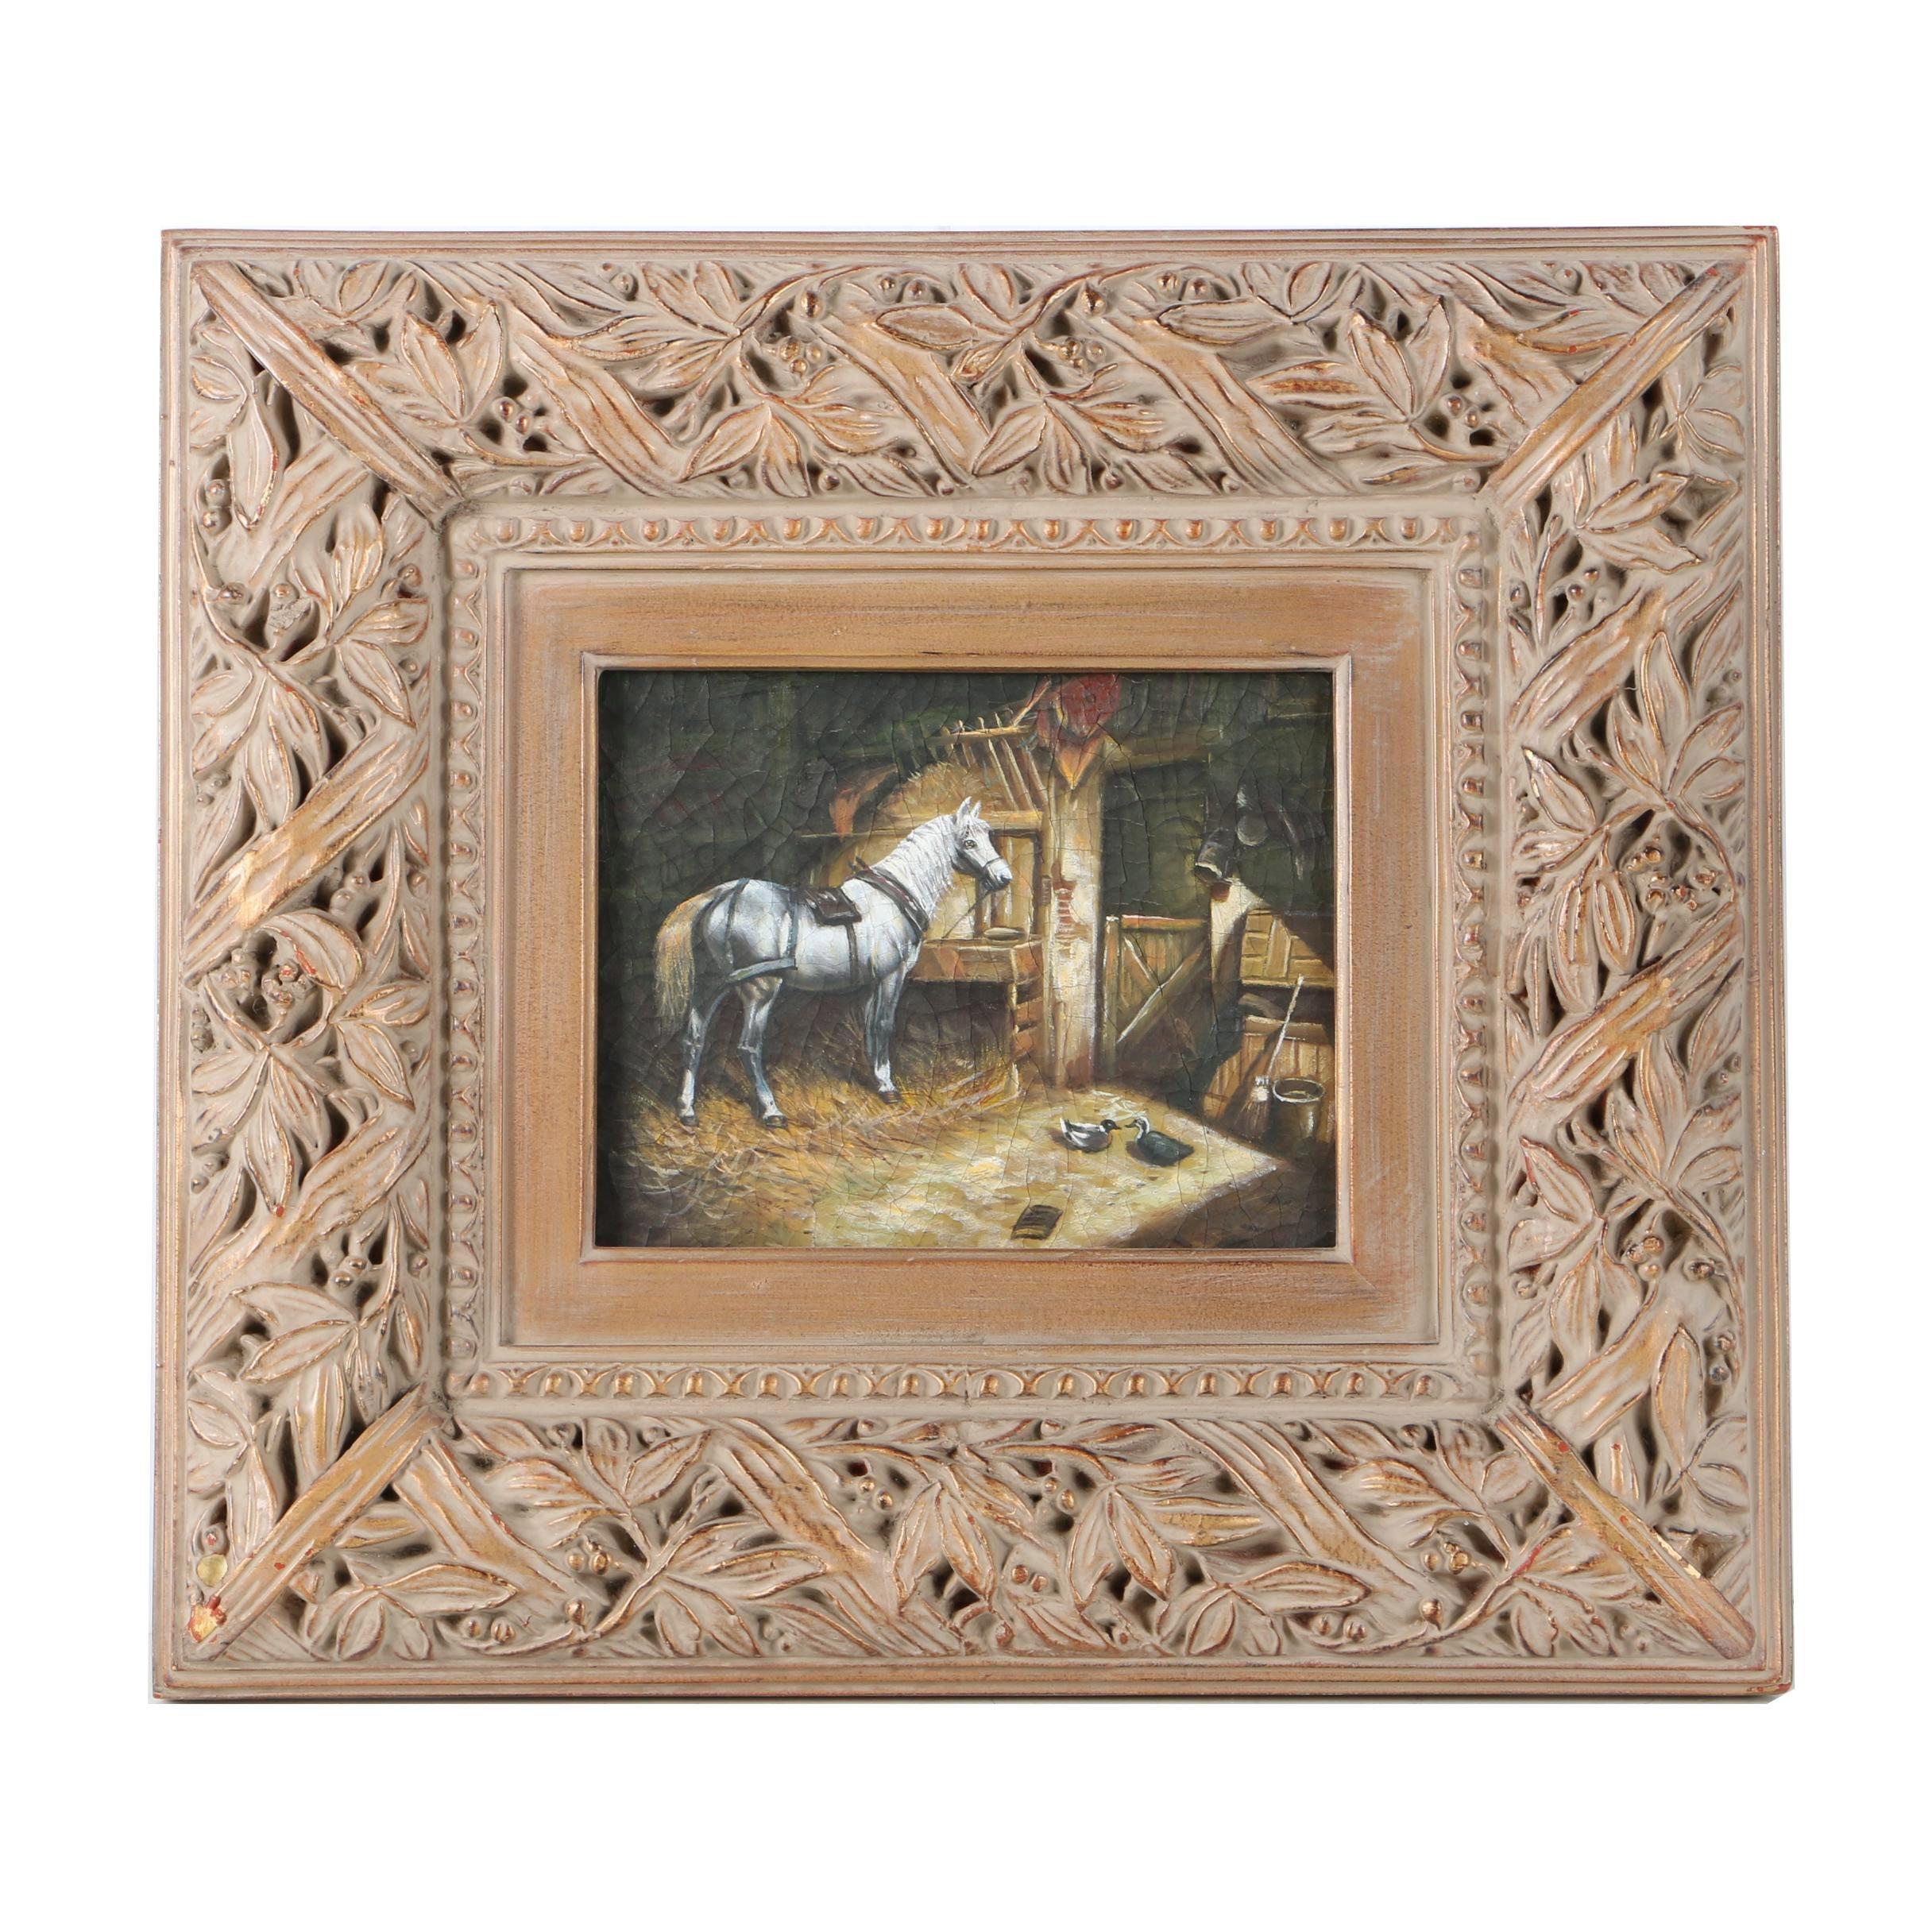 Copy Oil Painting in the Manner of John Frederick Herring, Sr.